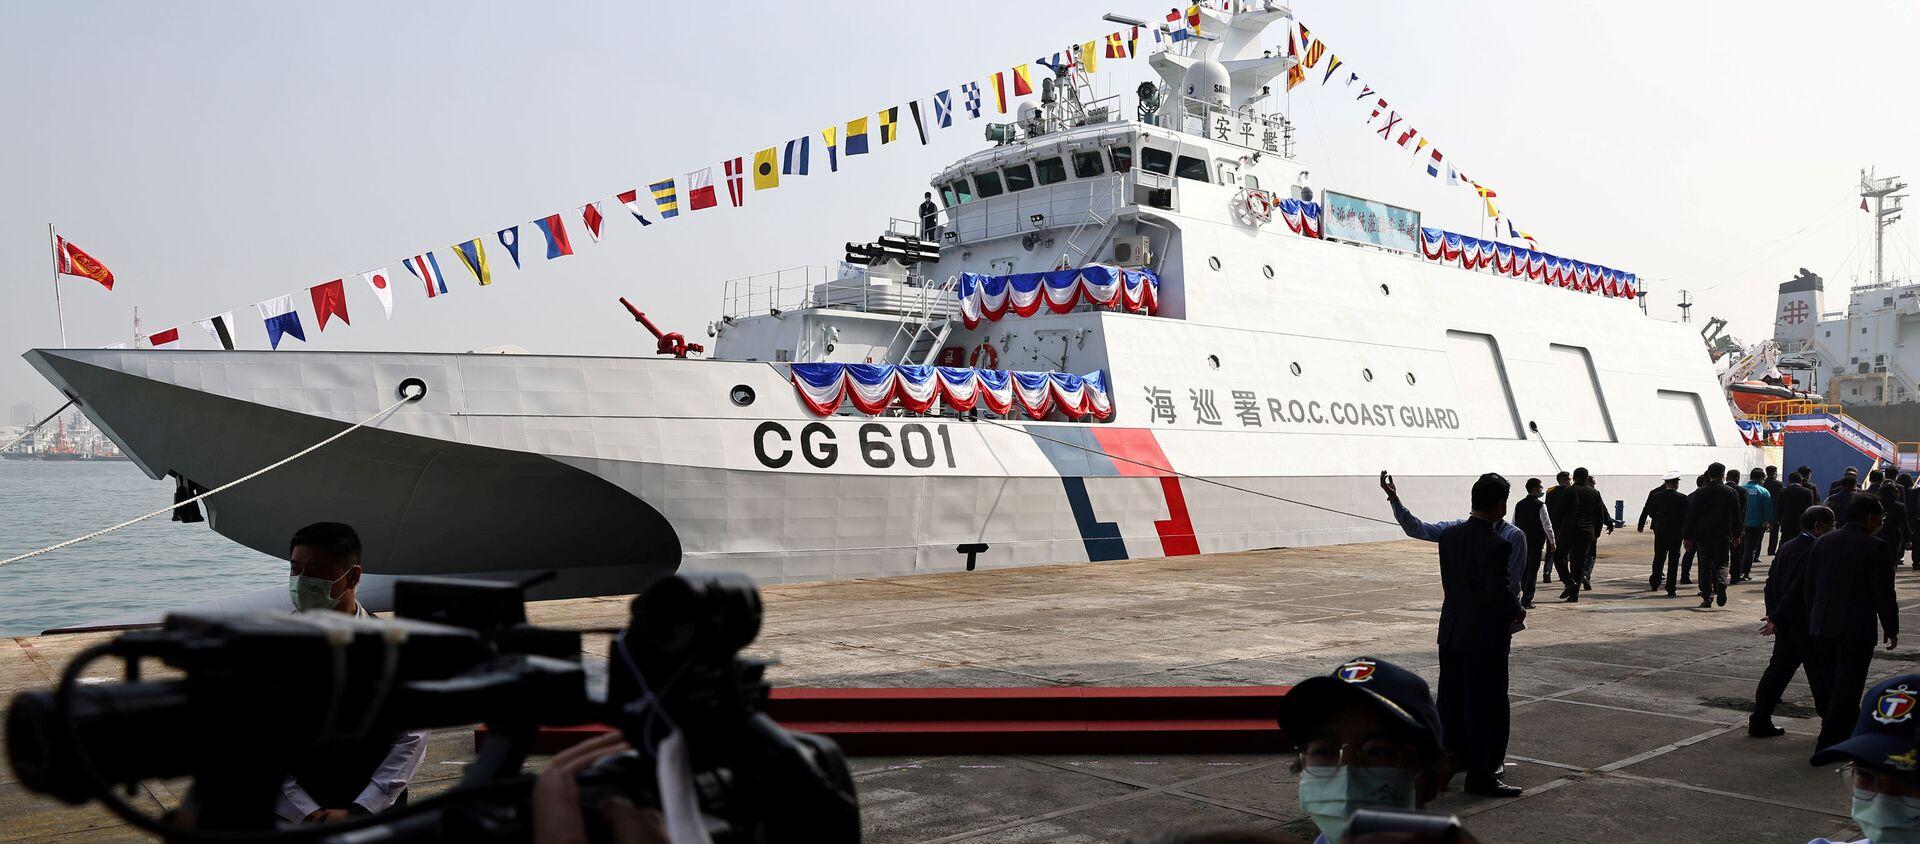 Tàu tuần tra biển Anping trong lễ hạ thủy, đưa vào vận hành tại Cao Hạm, Đài Loan. - Sputnik Việt Nam, 1920, 27.03.2021